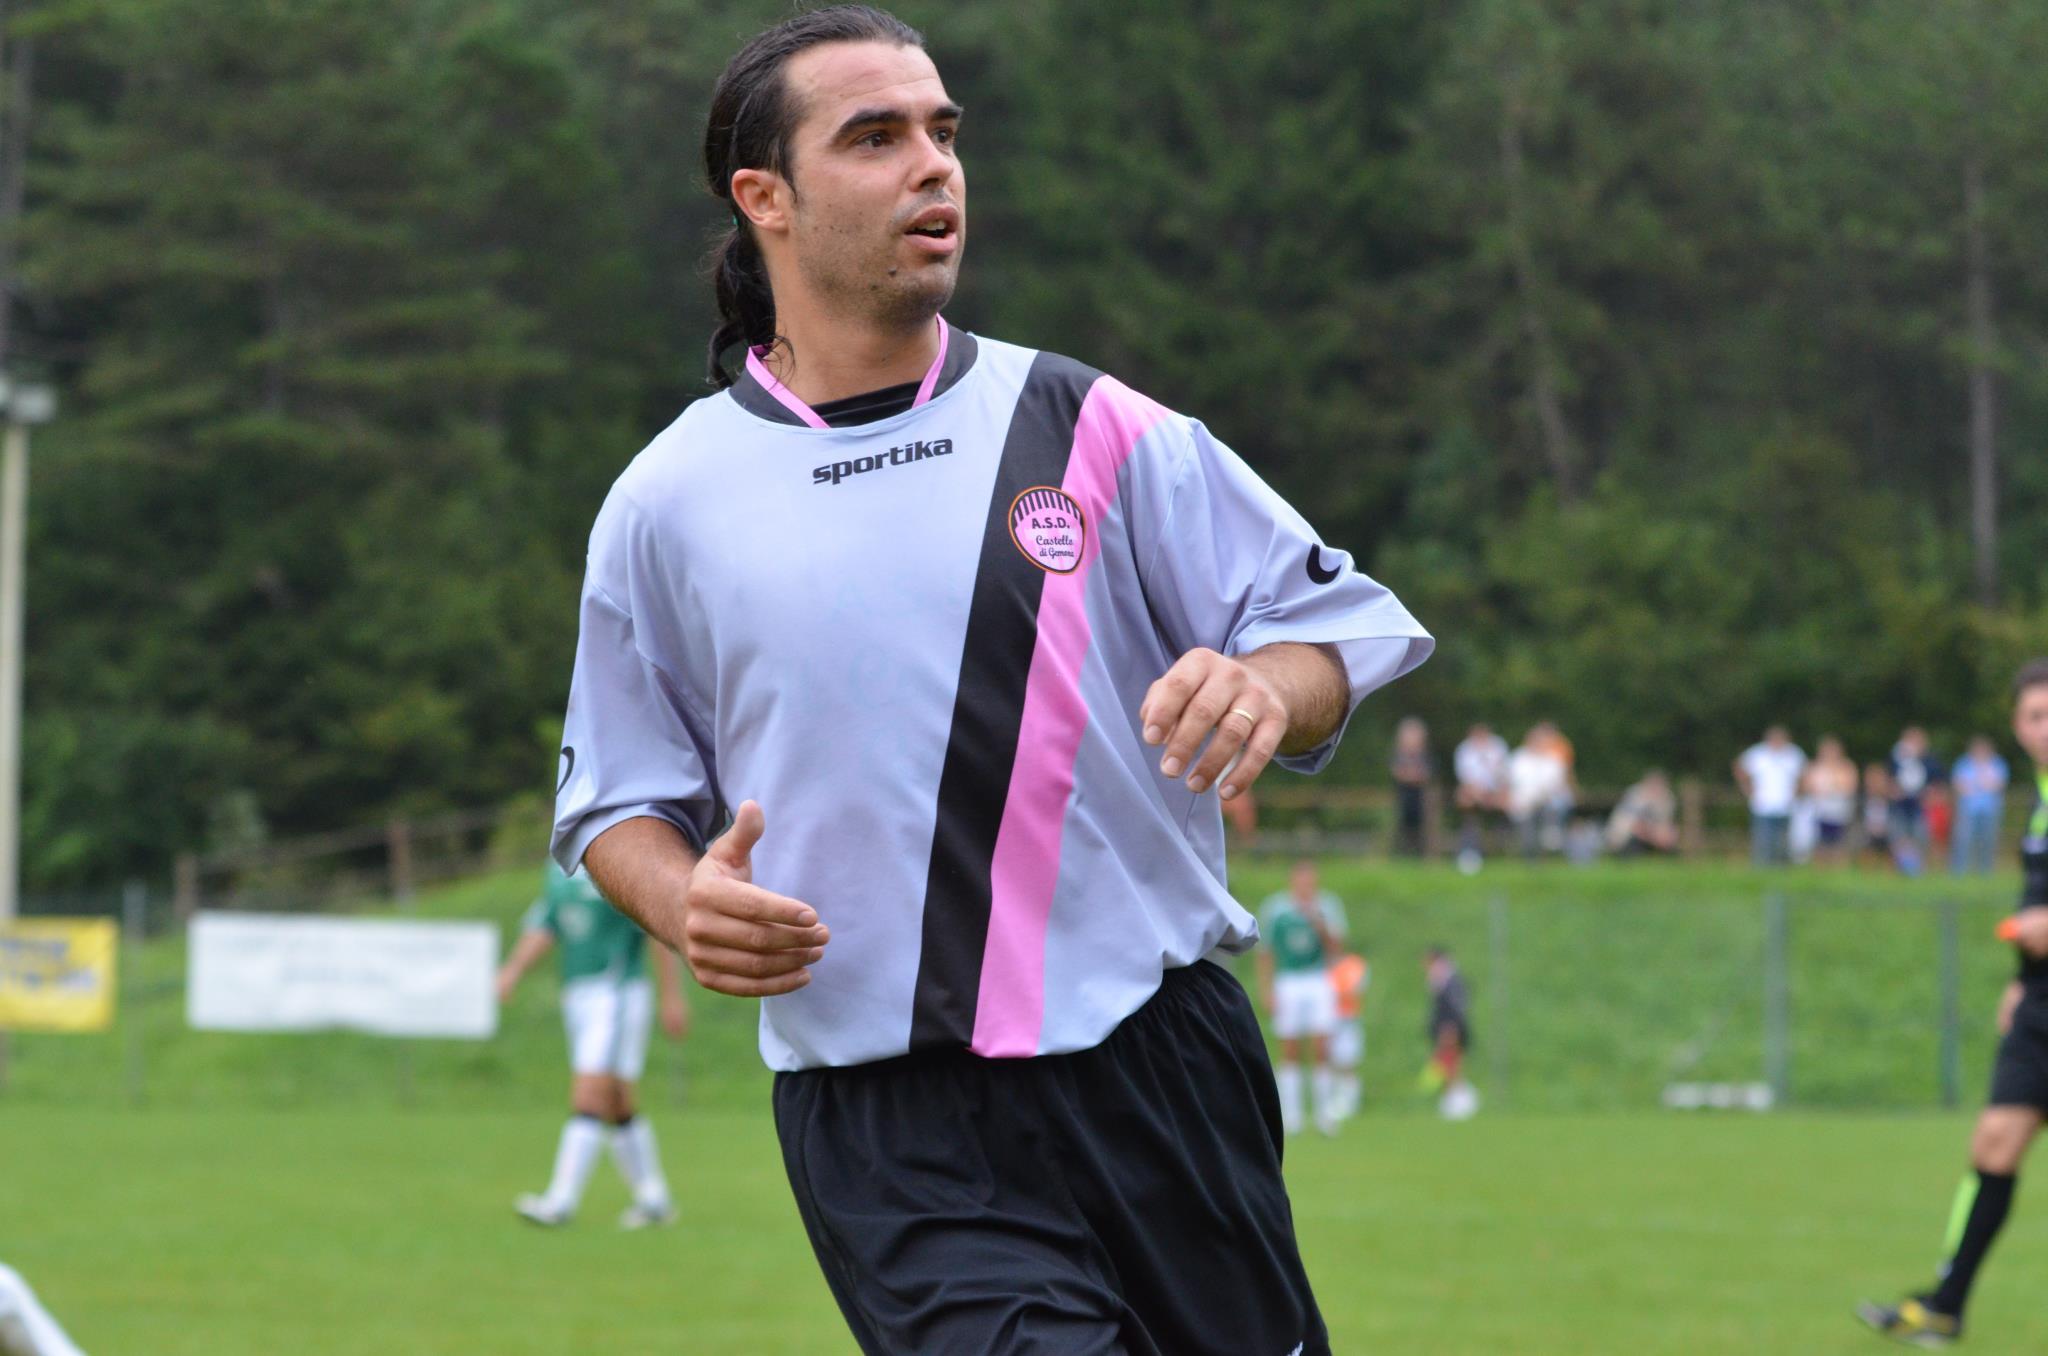 Alain Schiratti lascia il calcio per aiutare la moglie